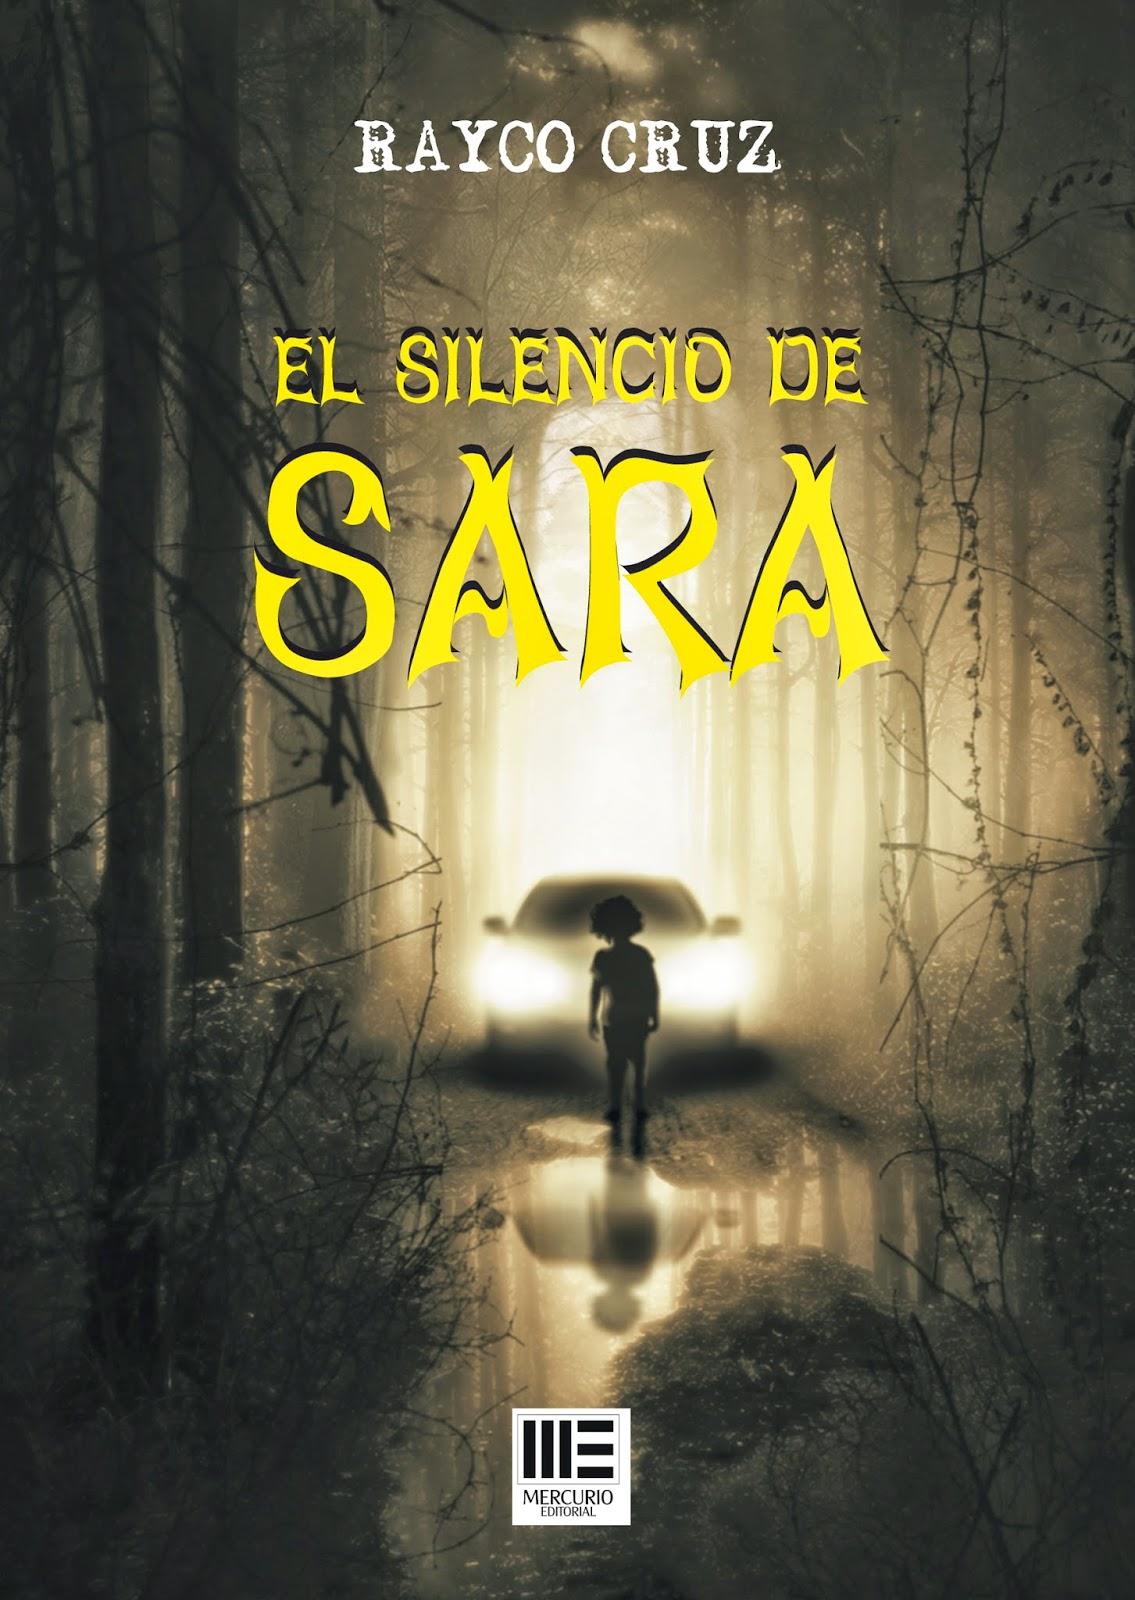 Reseña: «El Silencio de Sara» de Rayco Cruz (Editorial Mercurio)